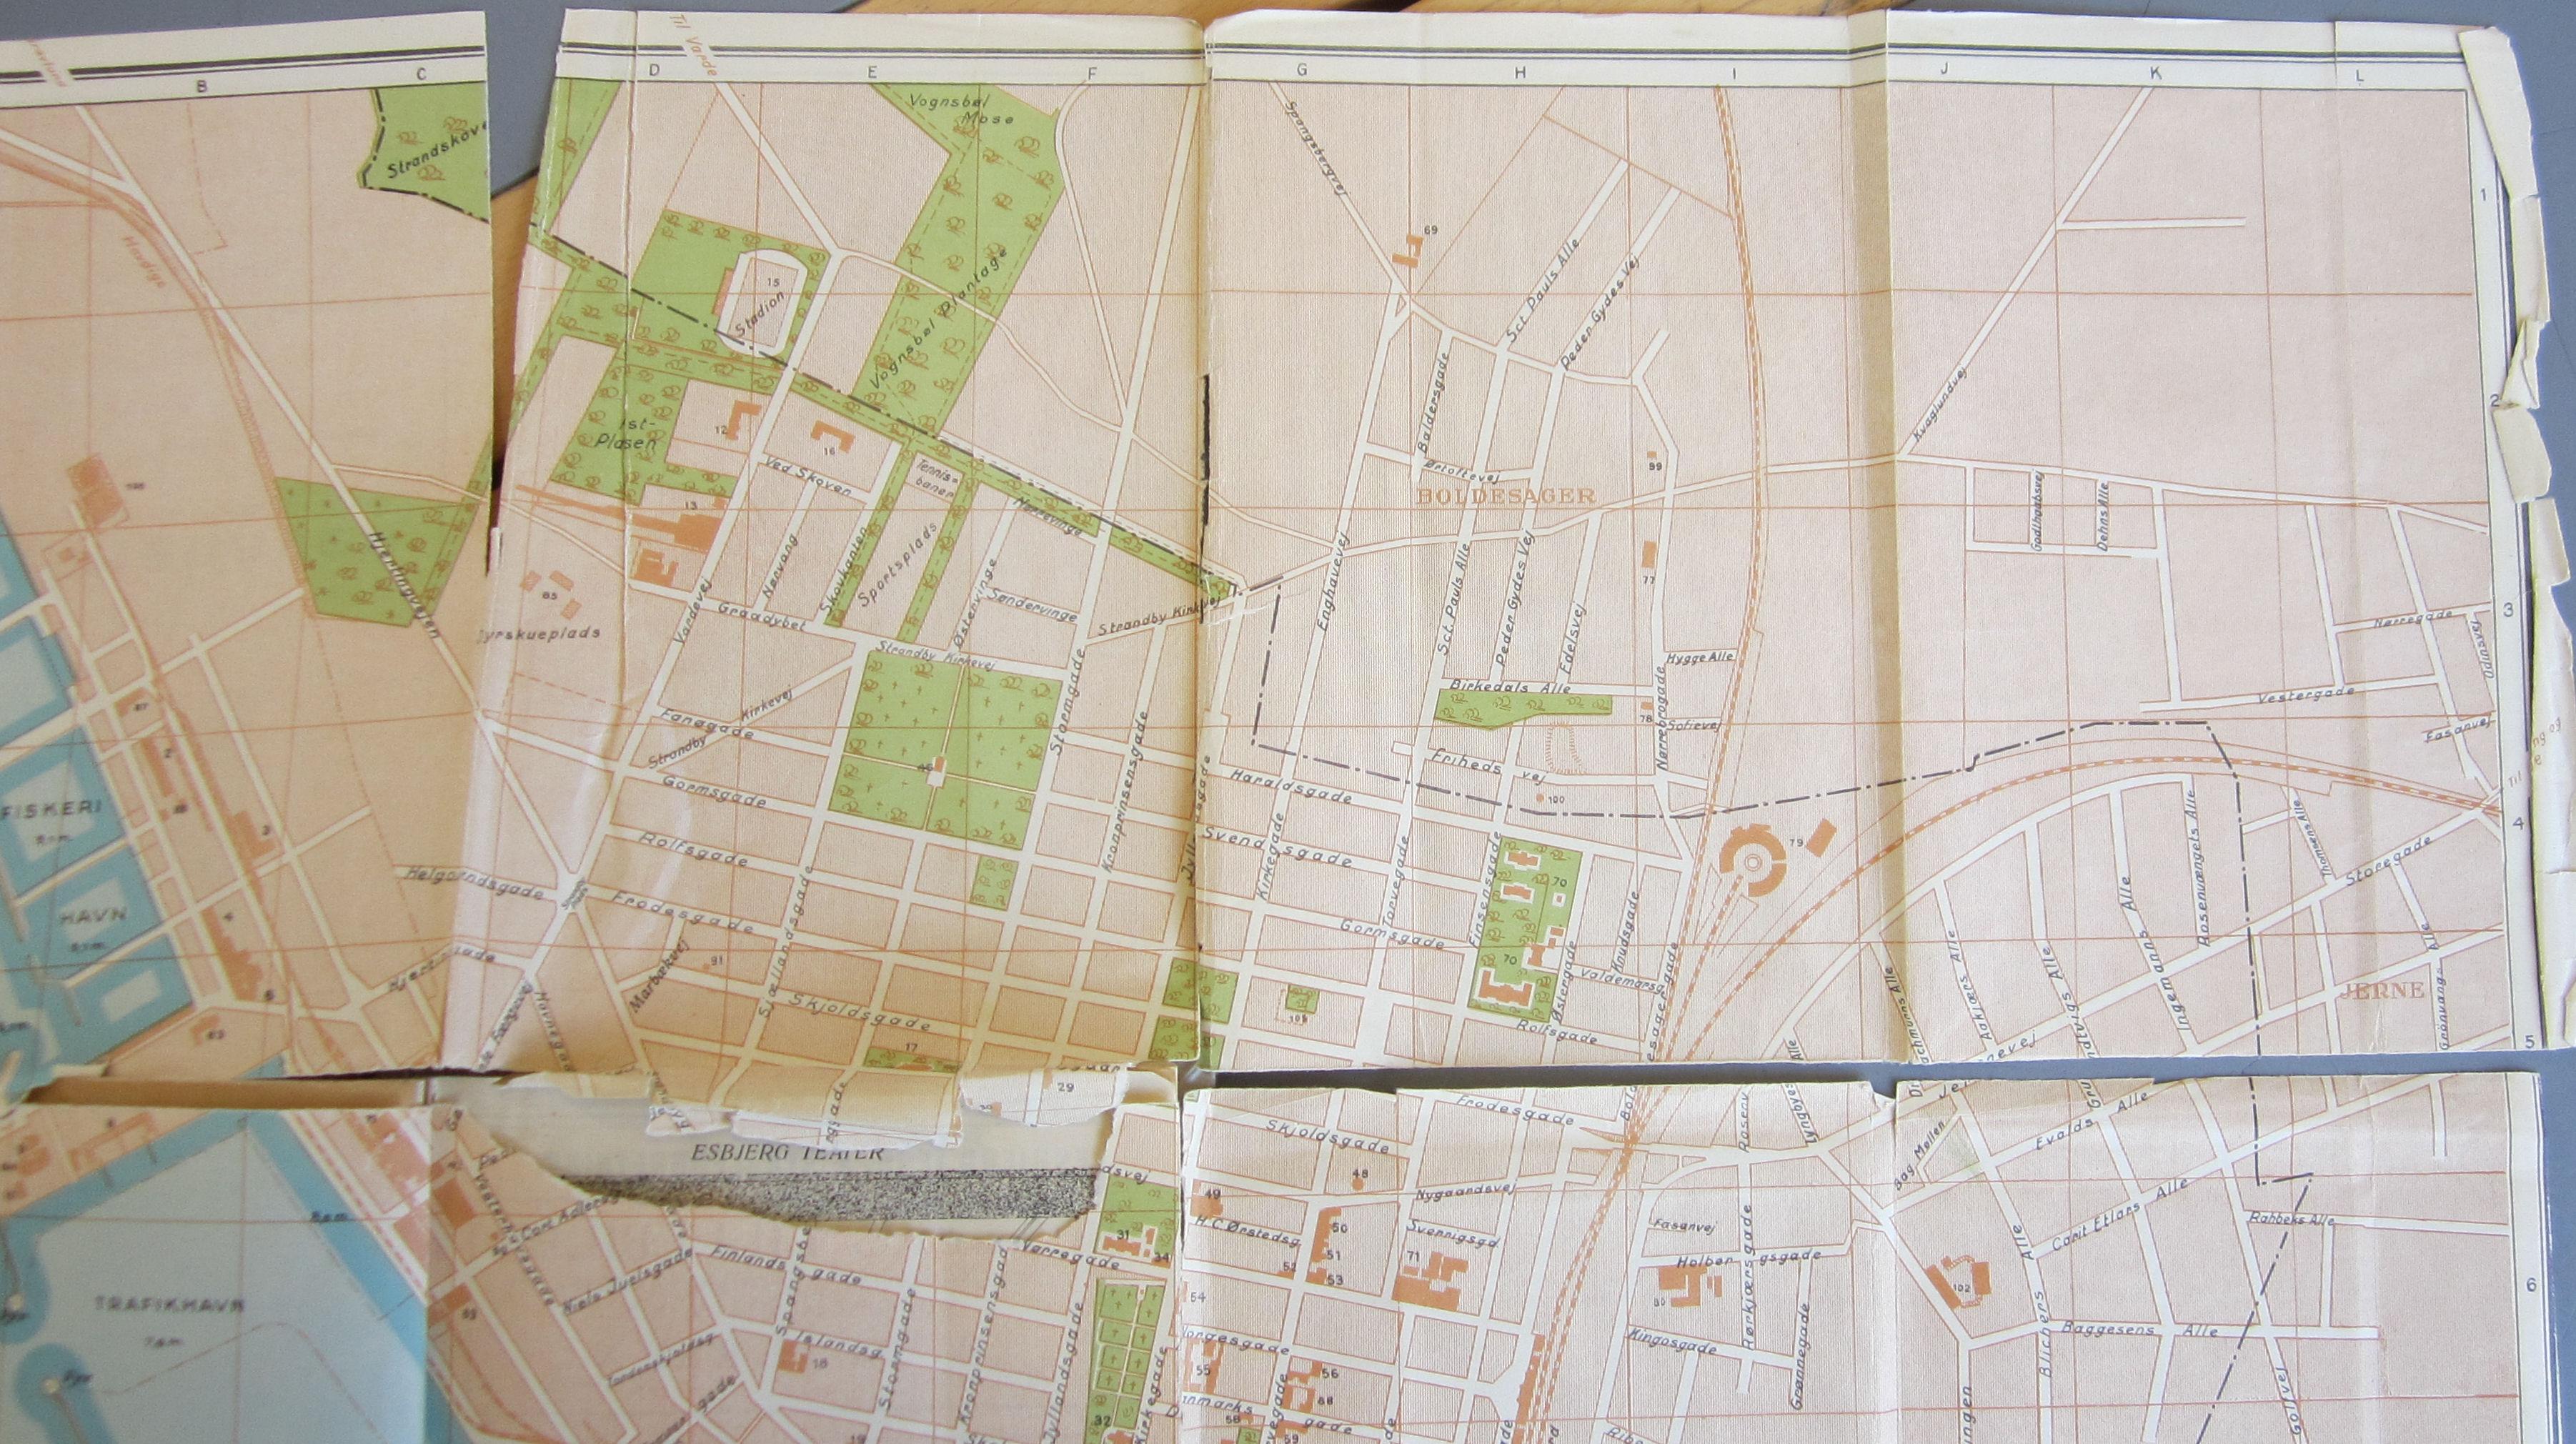 kort over esbjerg havn